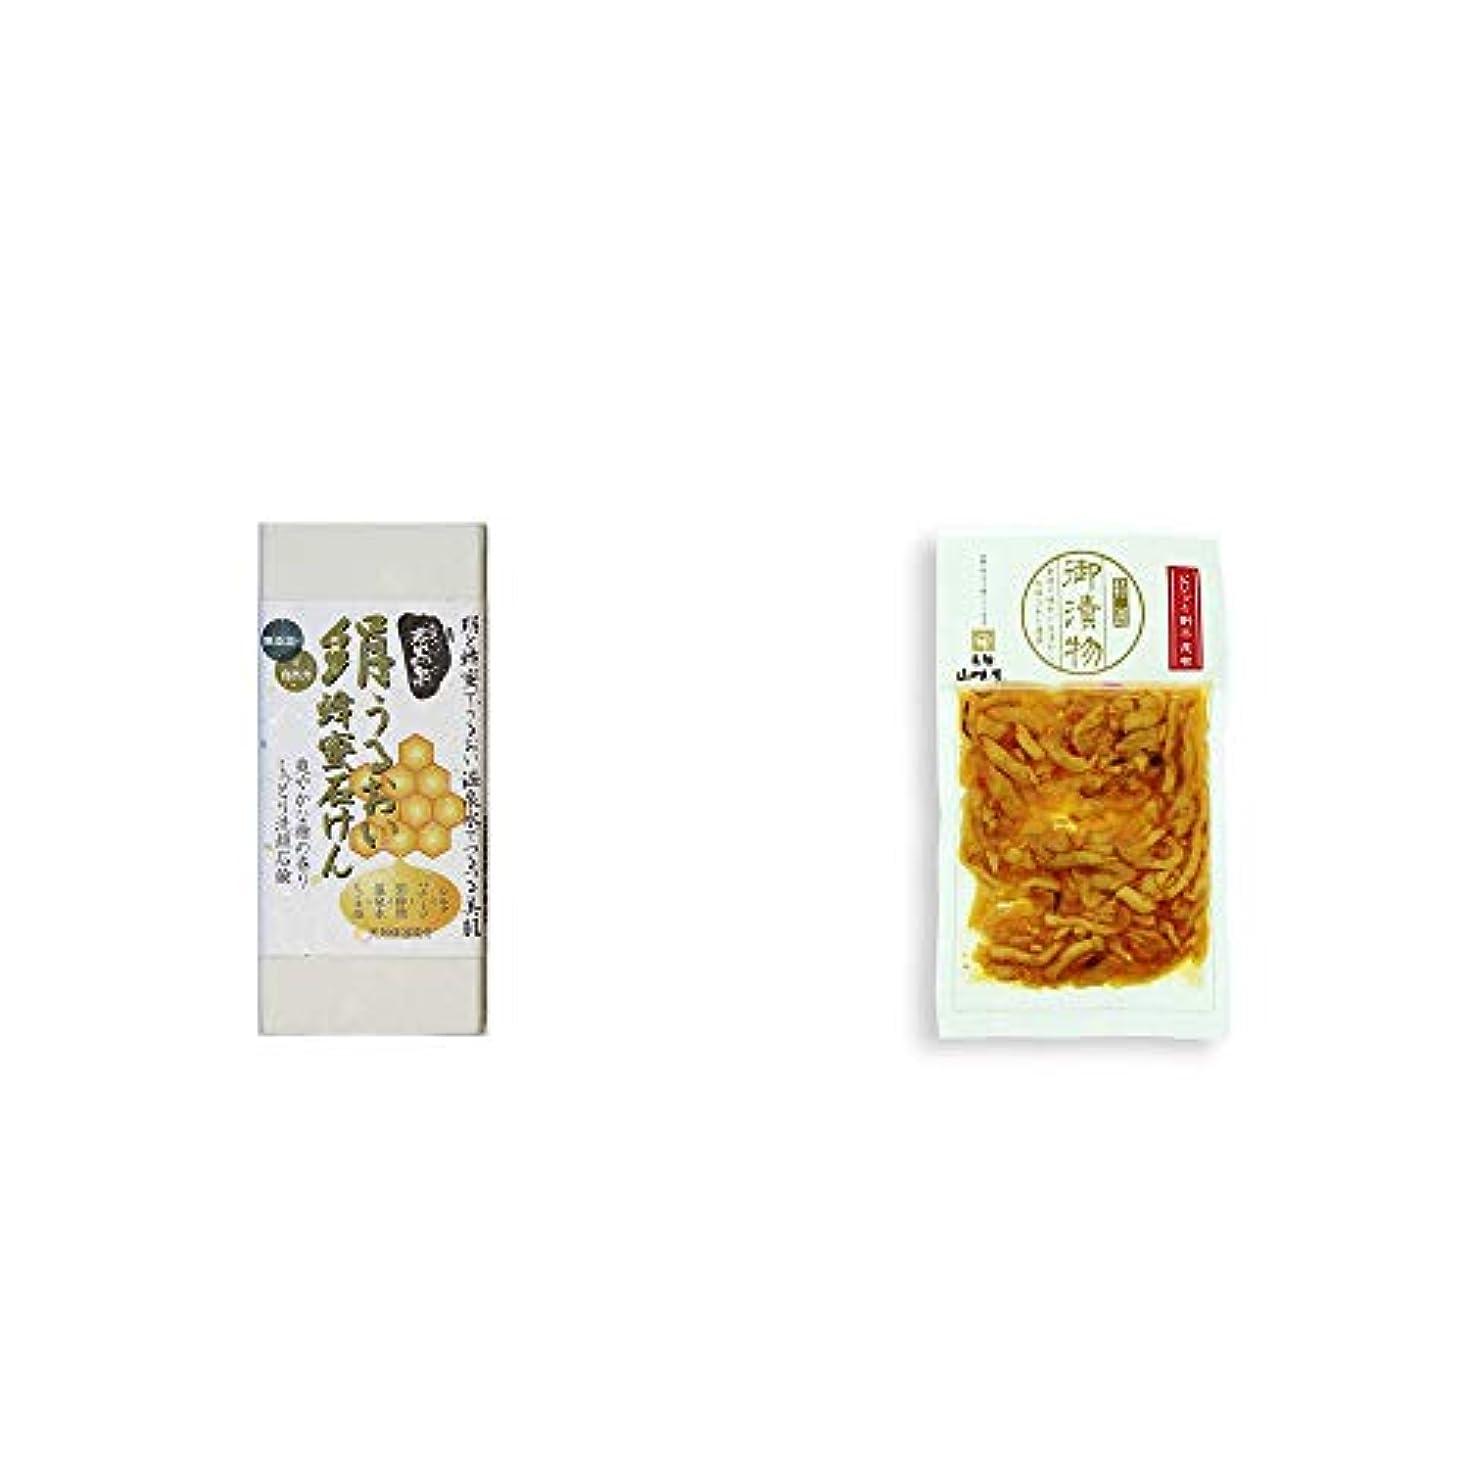 ピア美容師身元[2点セット] ひのき炭黒泉 絹うるおい蜂蜜石けん(75g×2)?飛騨山味屋 ピリッと割干し昆布(230g)